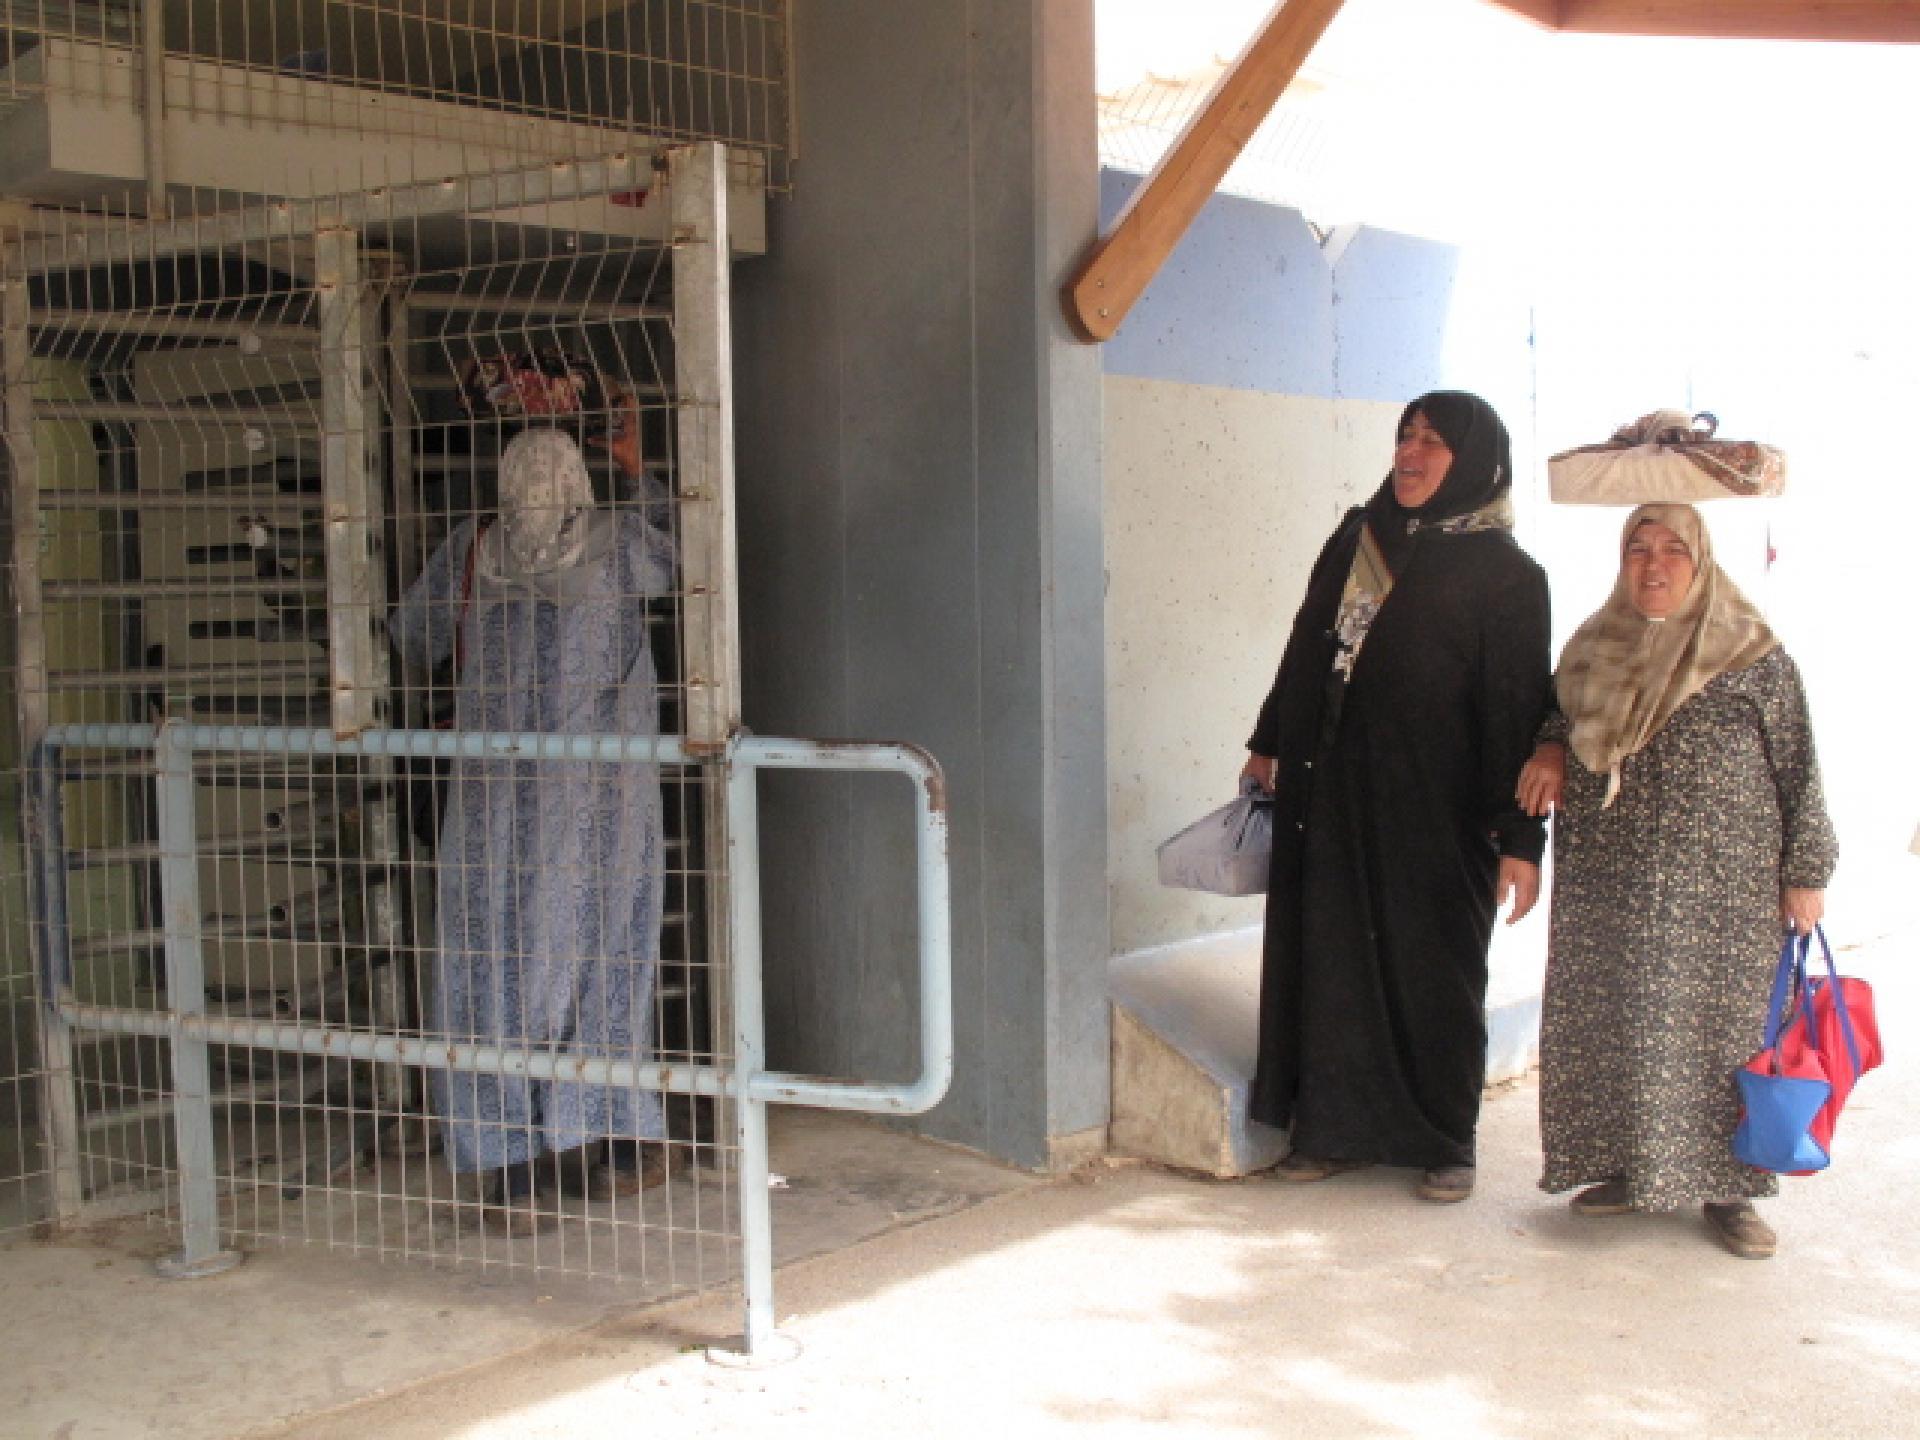 Irtah/Sha'ar Efrayim checkpoint 17.05.10